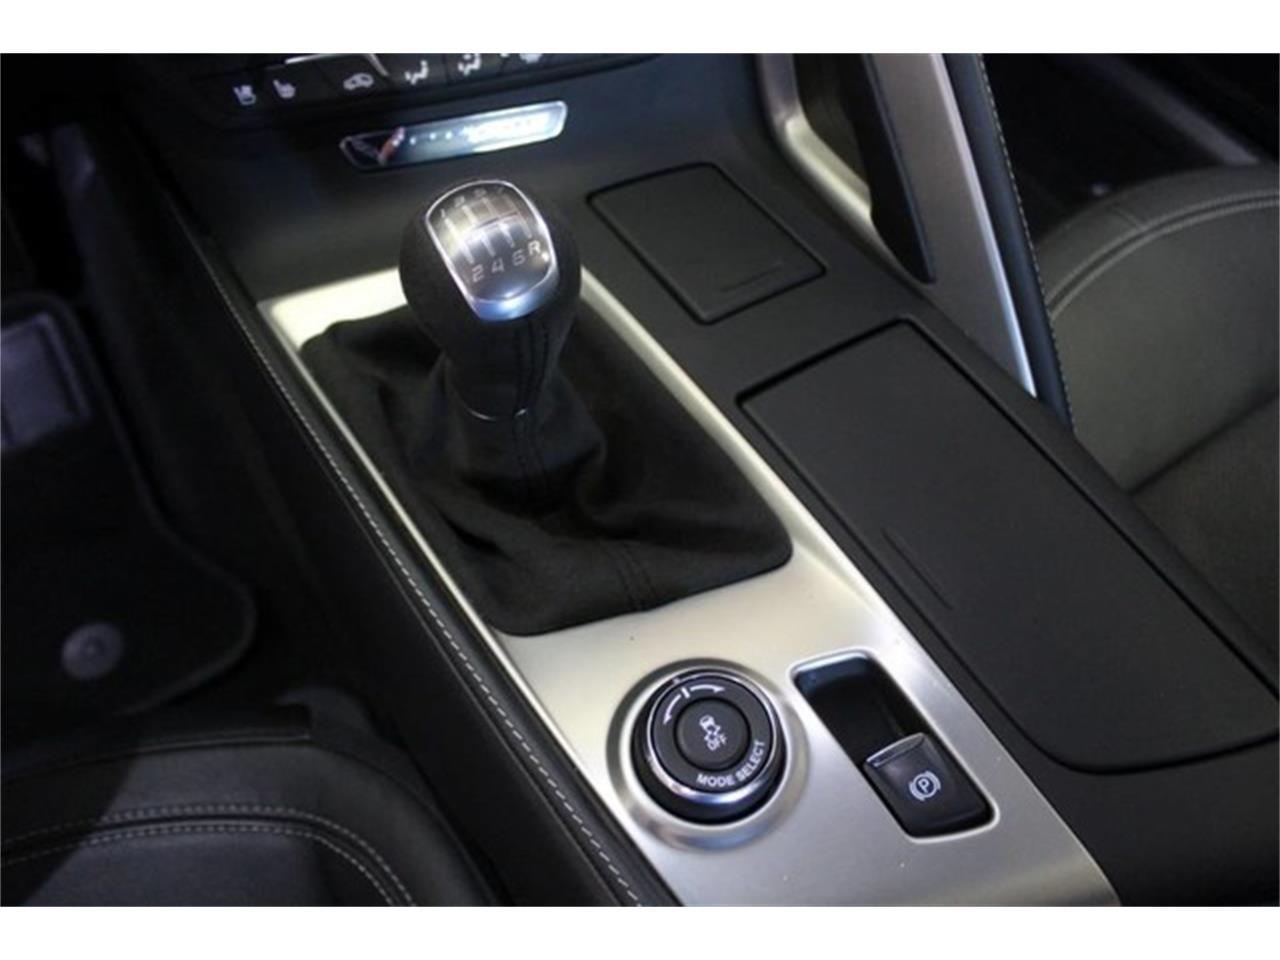 2018 Chevrolet Corvette (CC-1237287) for sale in Anaheim, California